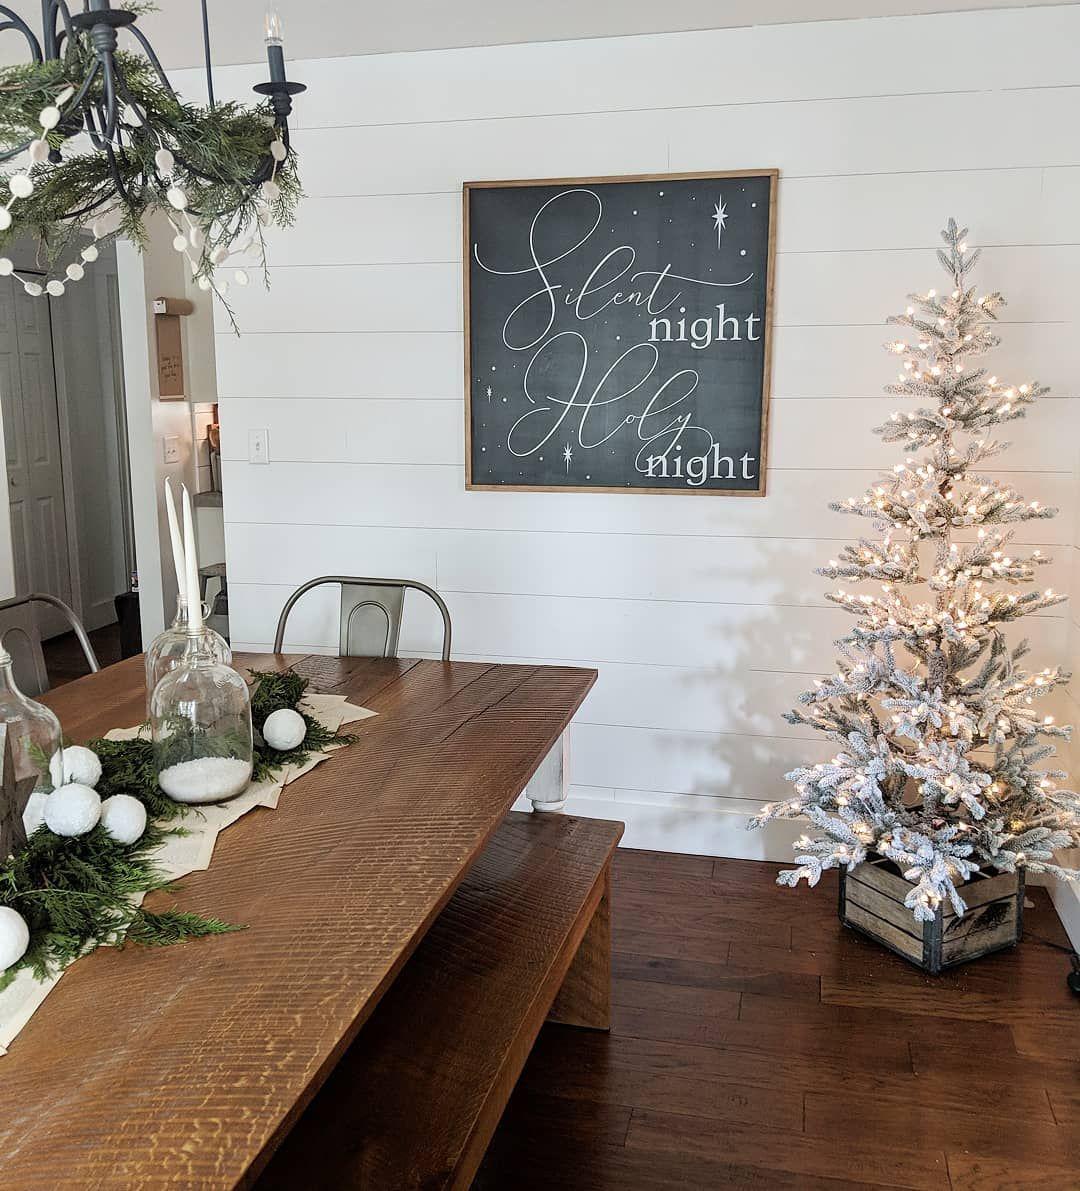 Farmhouse Christmas Dining Room via @whiteblossomhome #ChristmasDecor #ChristmasDiningRoom